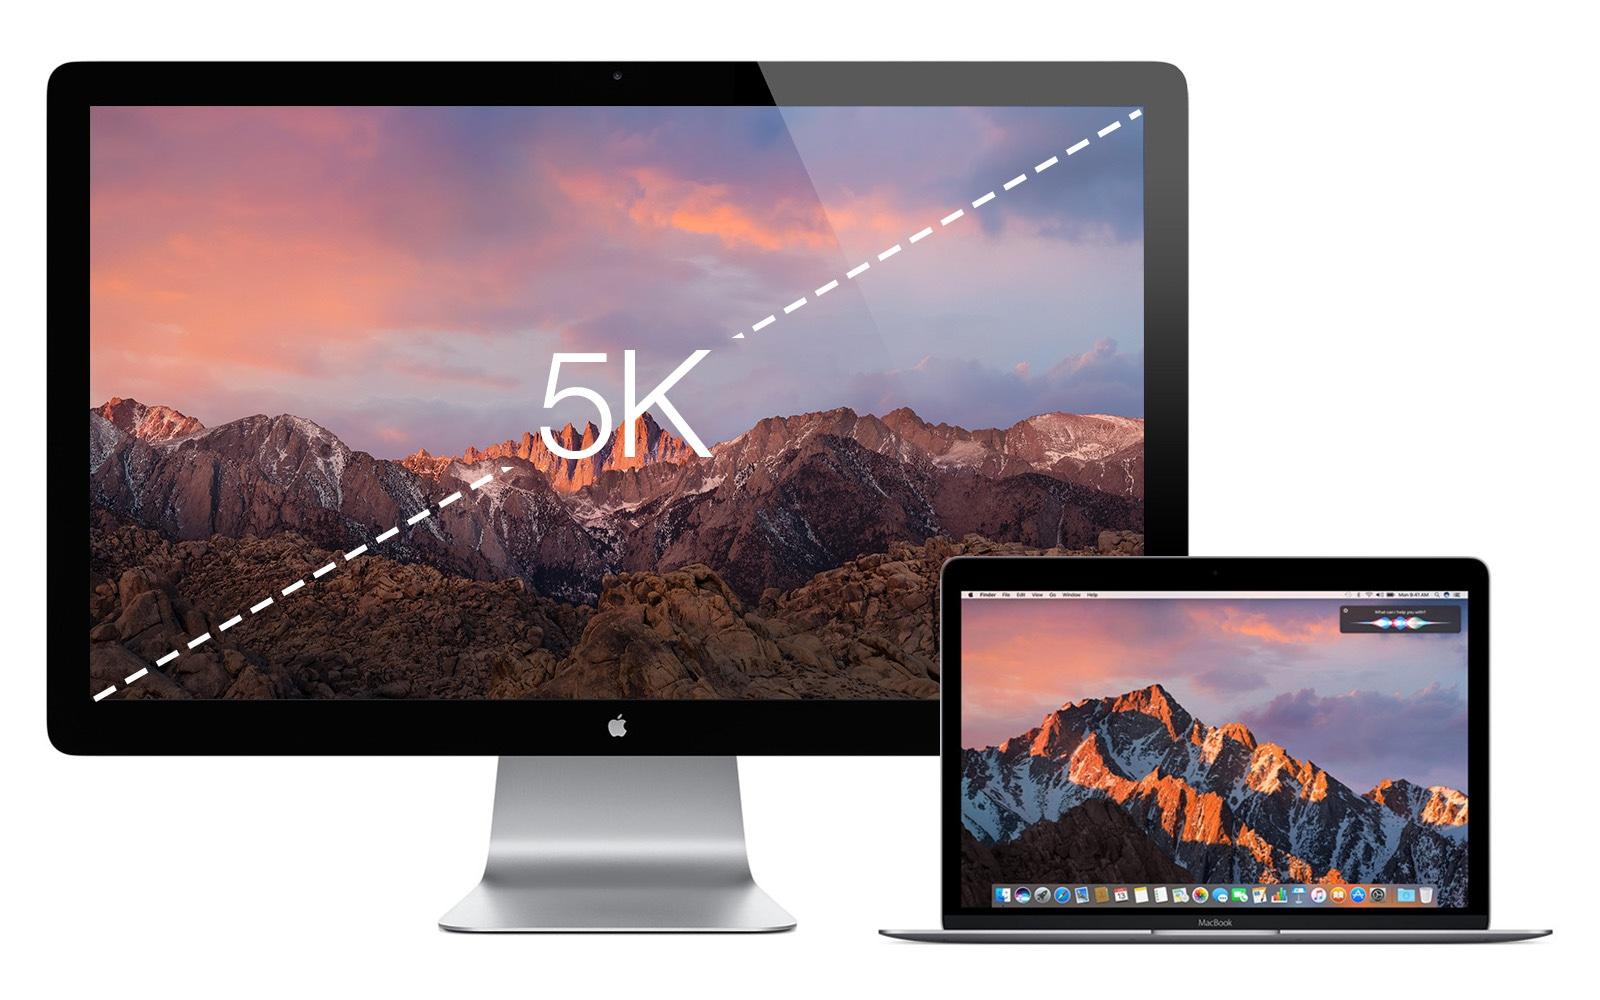 2016年 5K Retina Thunderbolt Display コンセプトイメージ